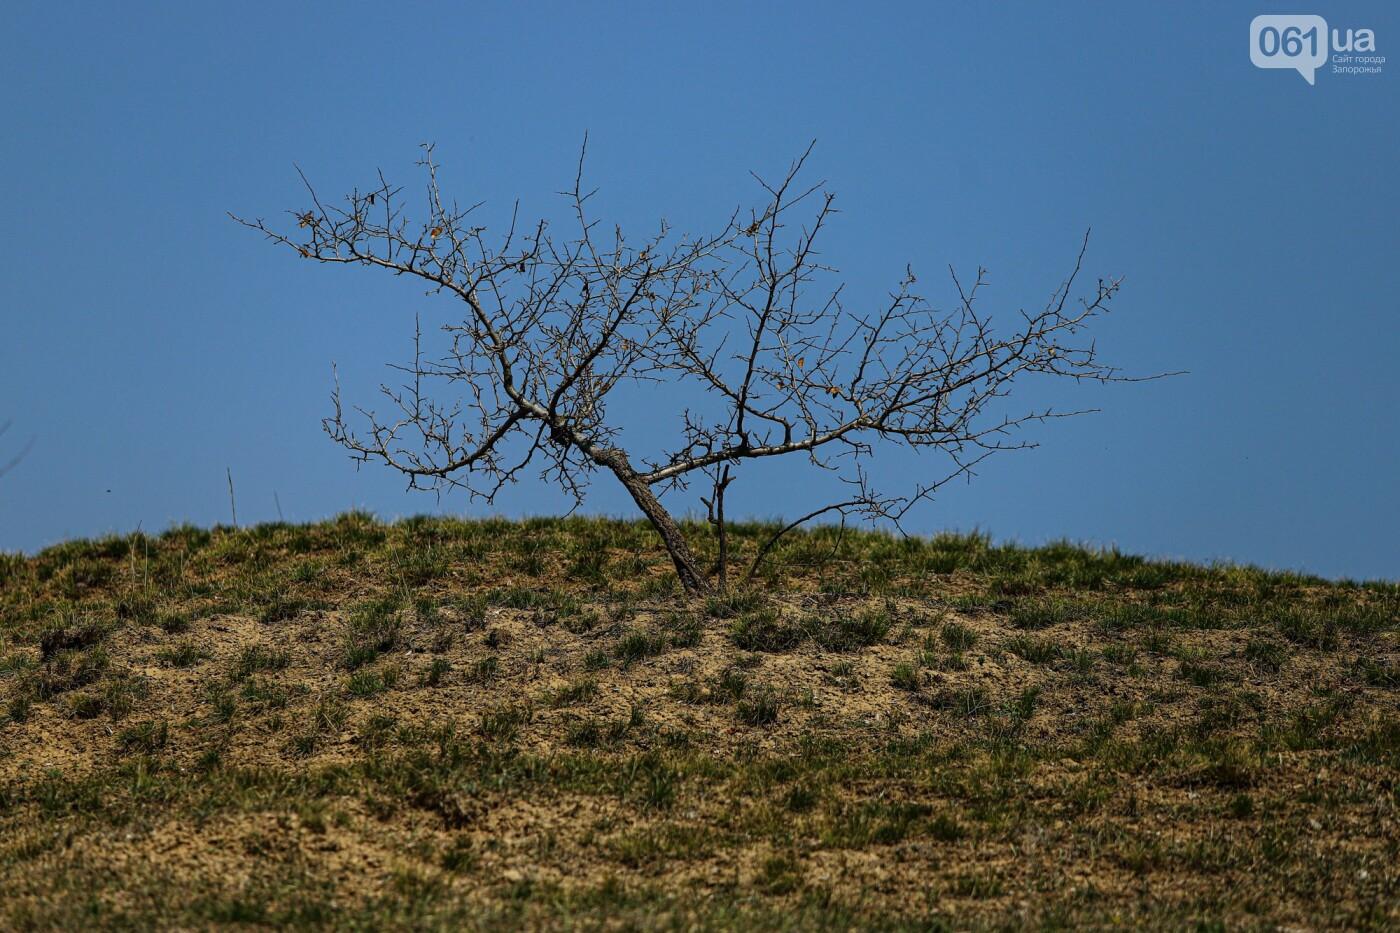 Цветущие крокусы и горы мусора: как сейчас выглядит балка Партизанская в Запорожье, - ФОТО, фото-24